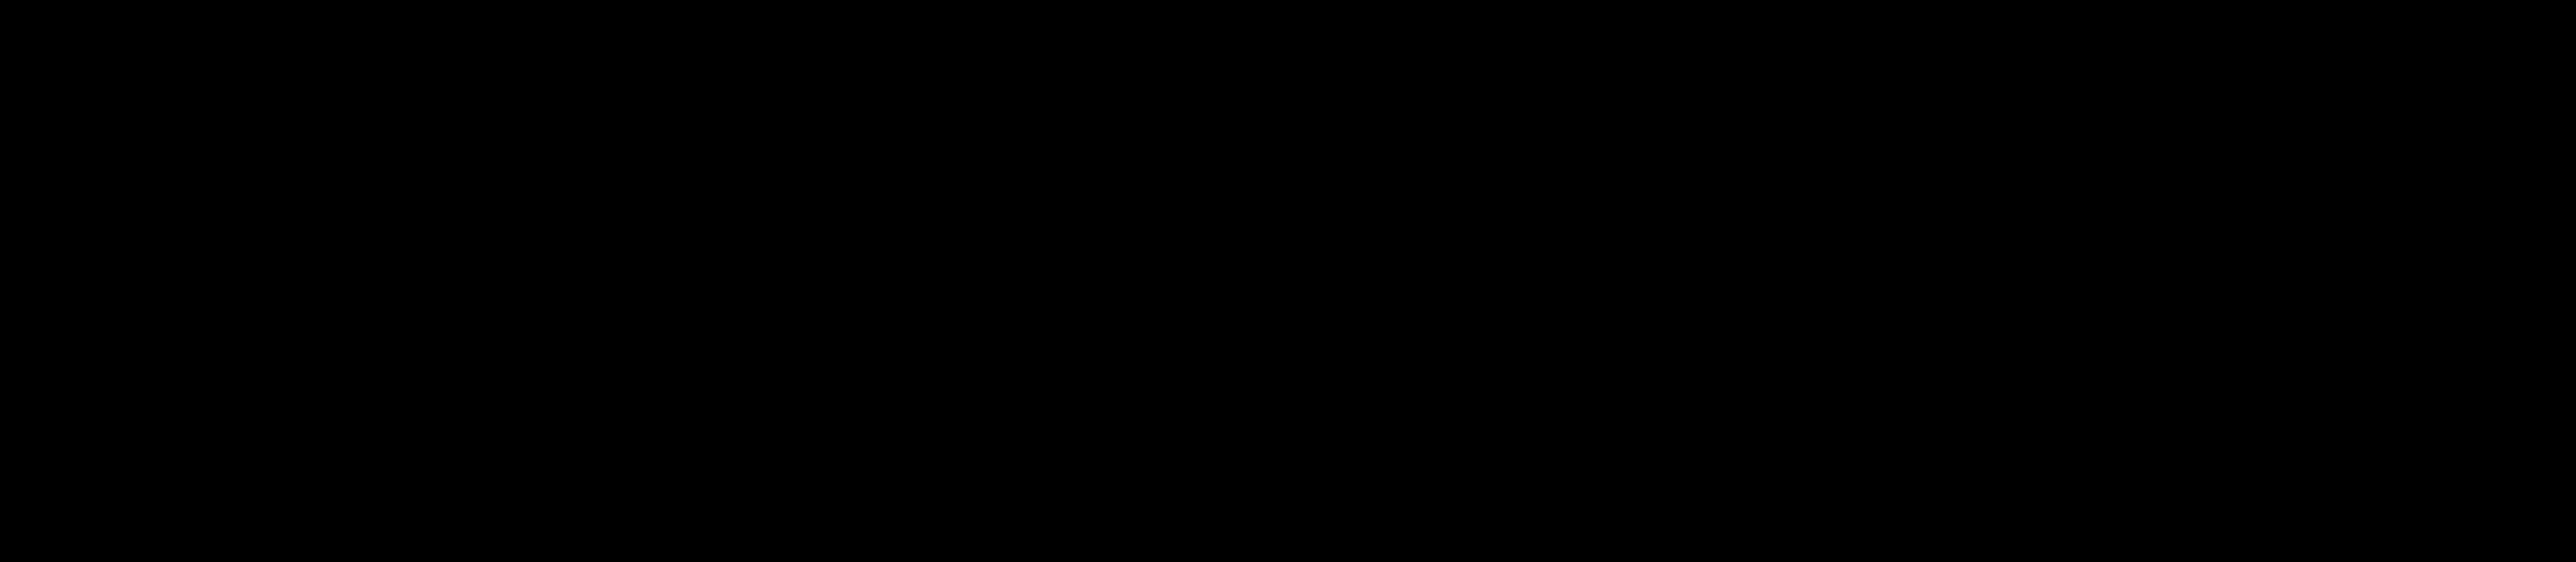 Ιστοσελίδα Τμήματος Κινηματογράφου